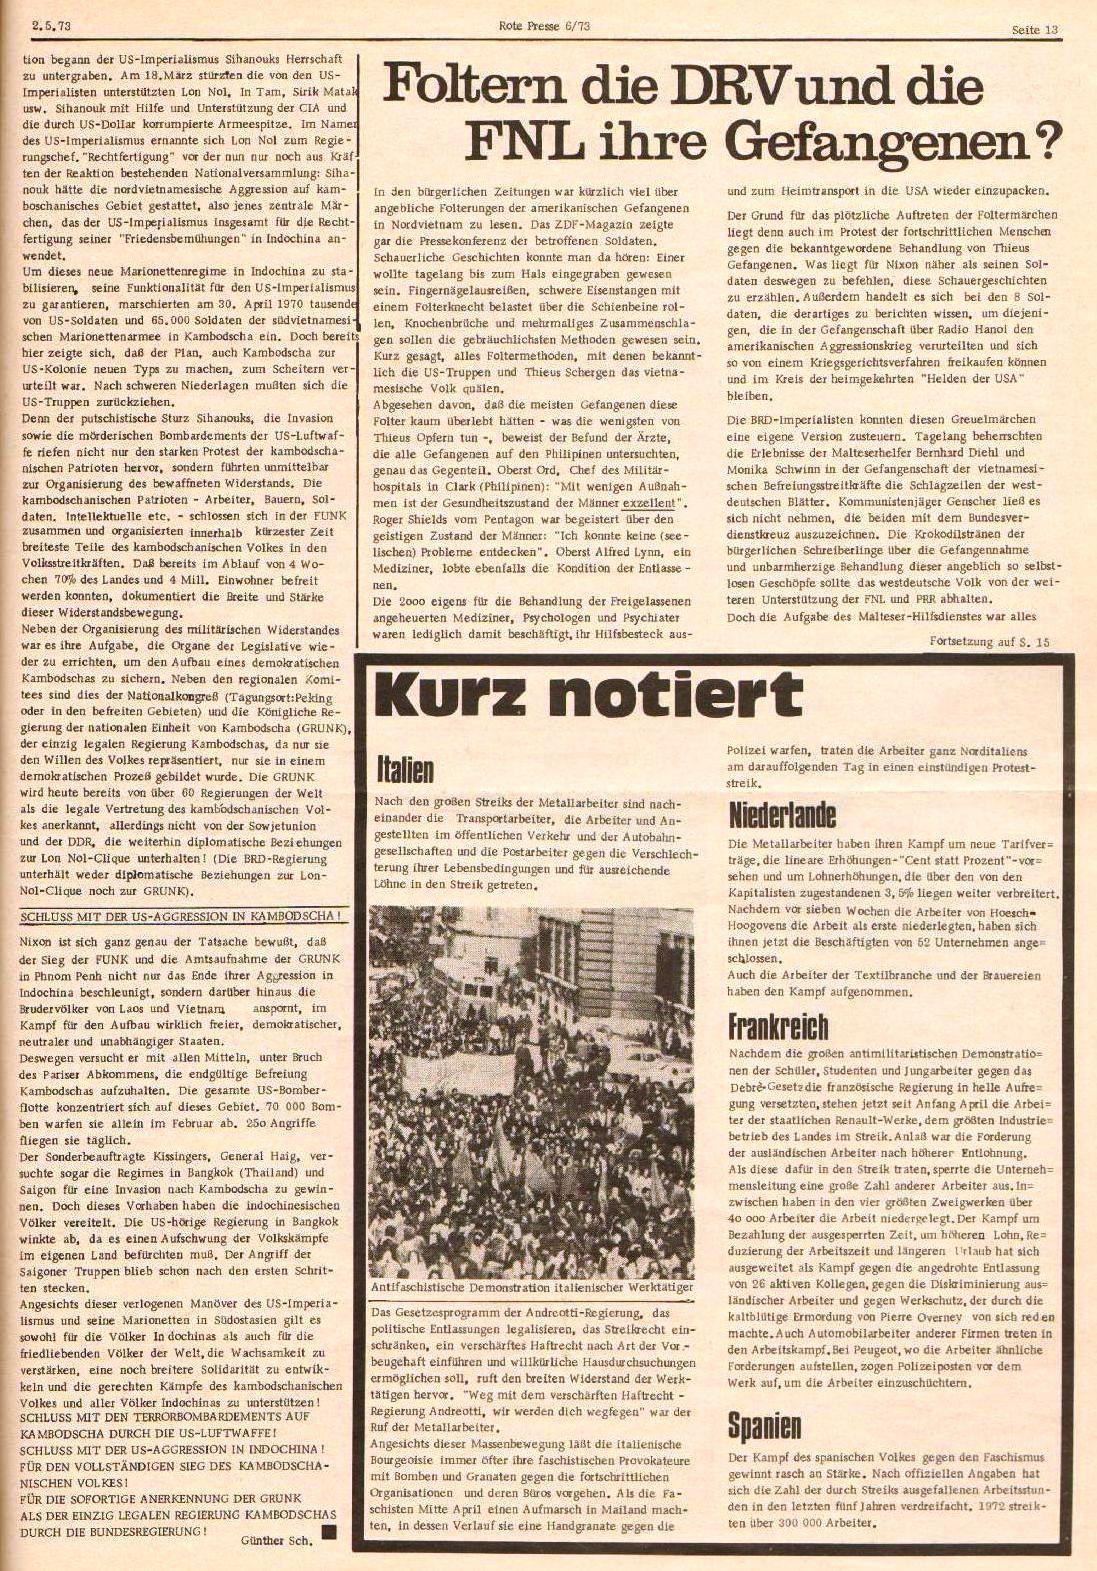 Hamburg_Rote_Presse181